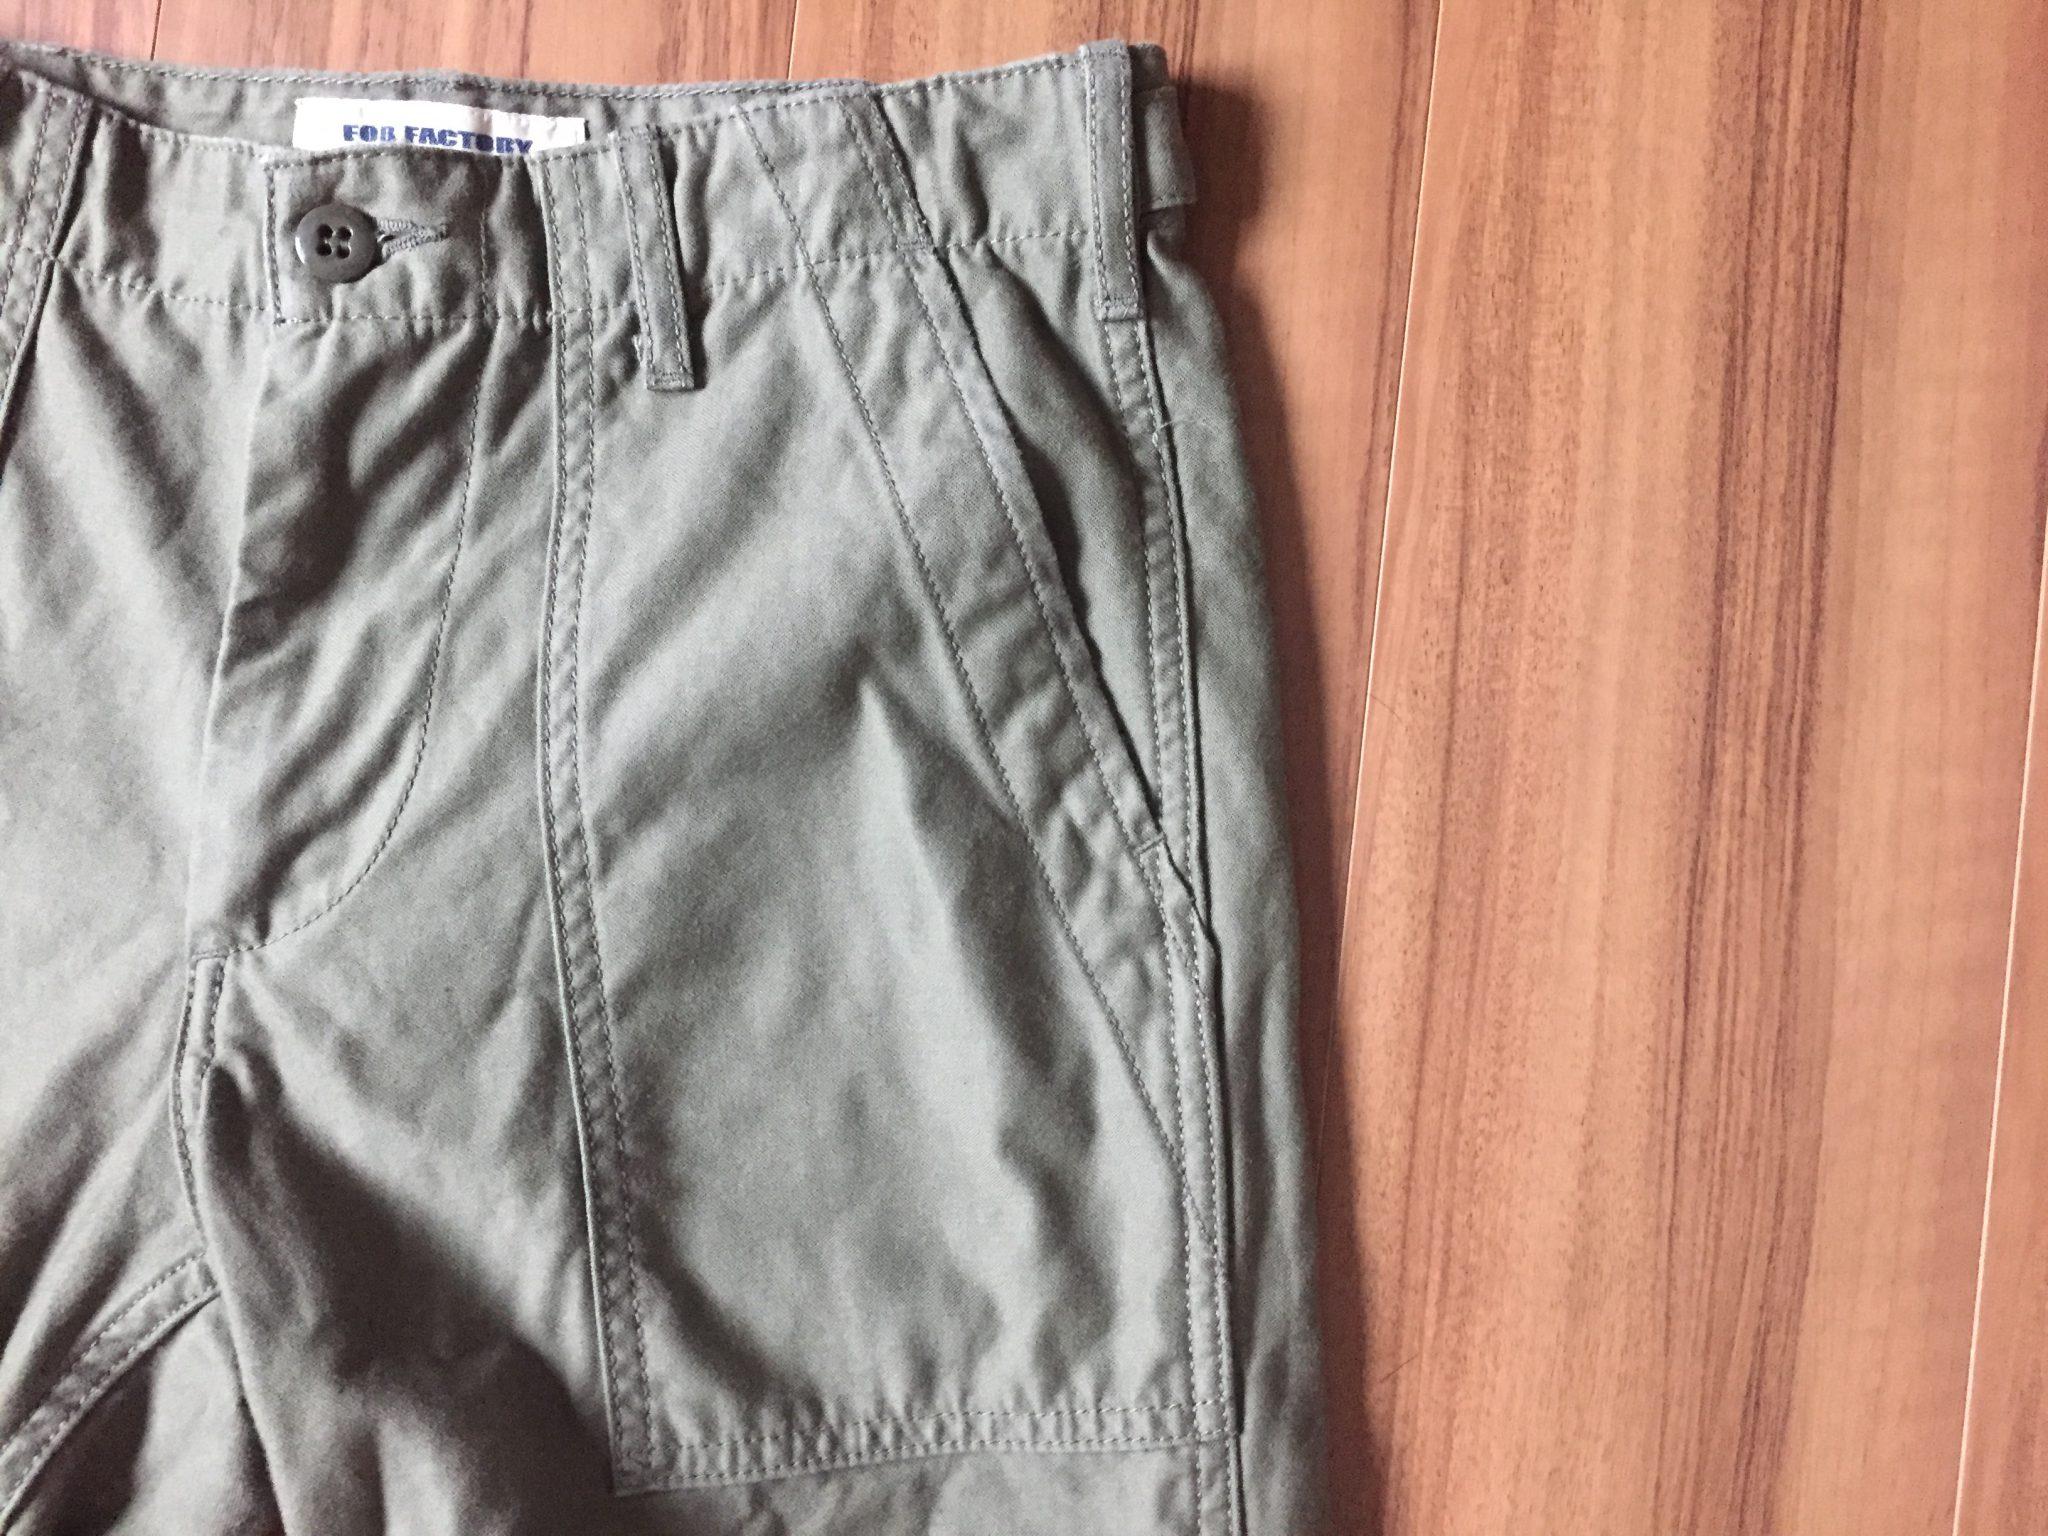 FOB Factory ベイカーパンツ~4日60時間穿いてから3回目の洗濯乾燥。丈の縮みはさらに0.5cmで、これでジャスト。